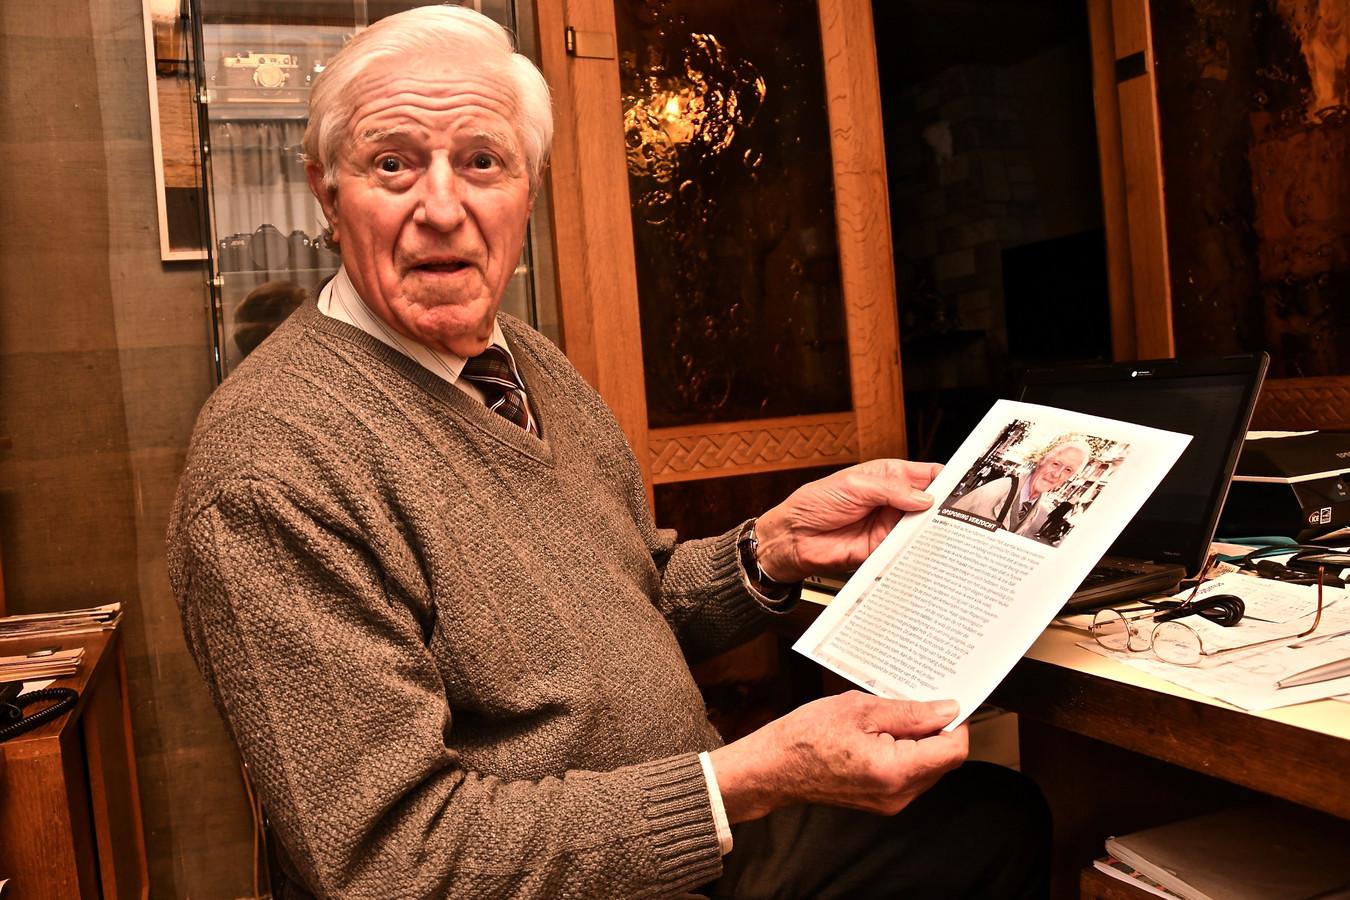 Zijn verhaal stond onder meer al in een seniorenblad. Zonder resultaat.